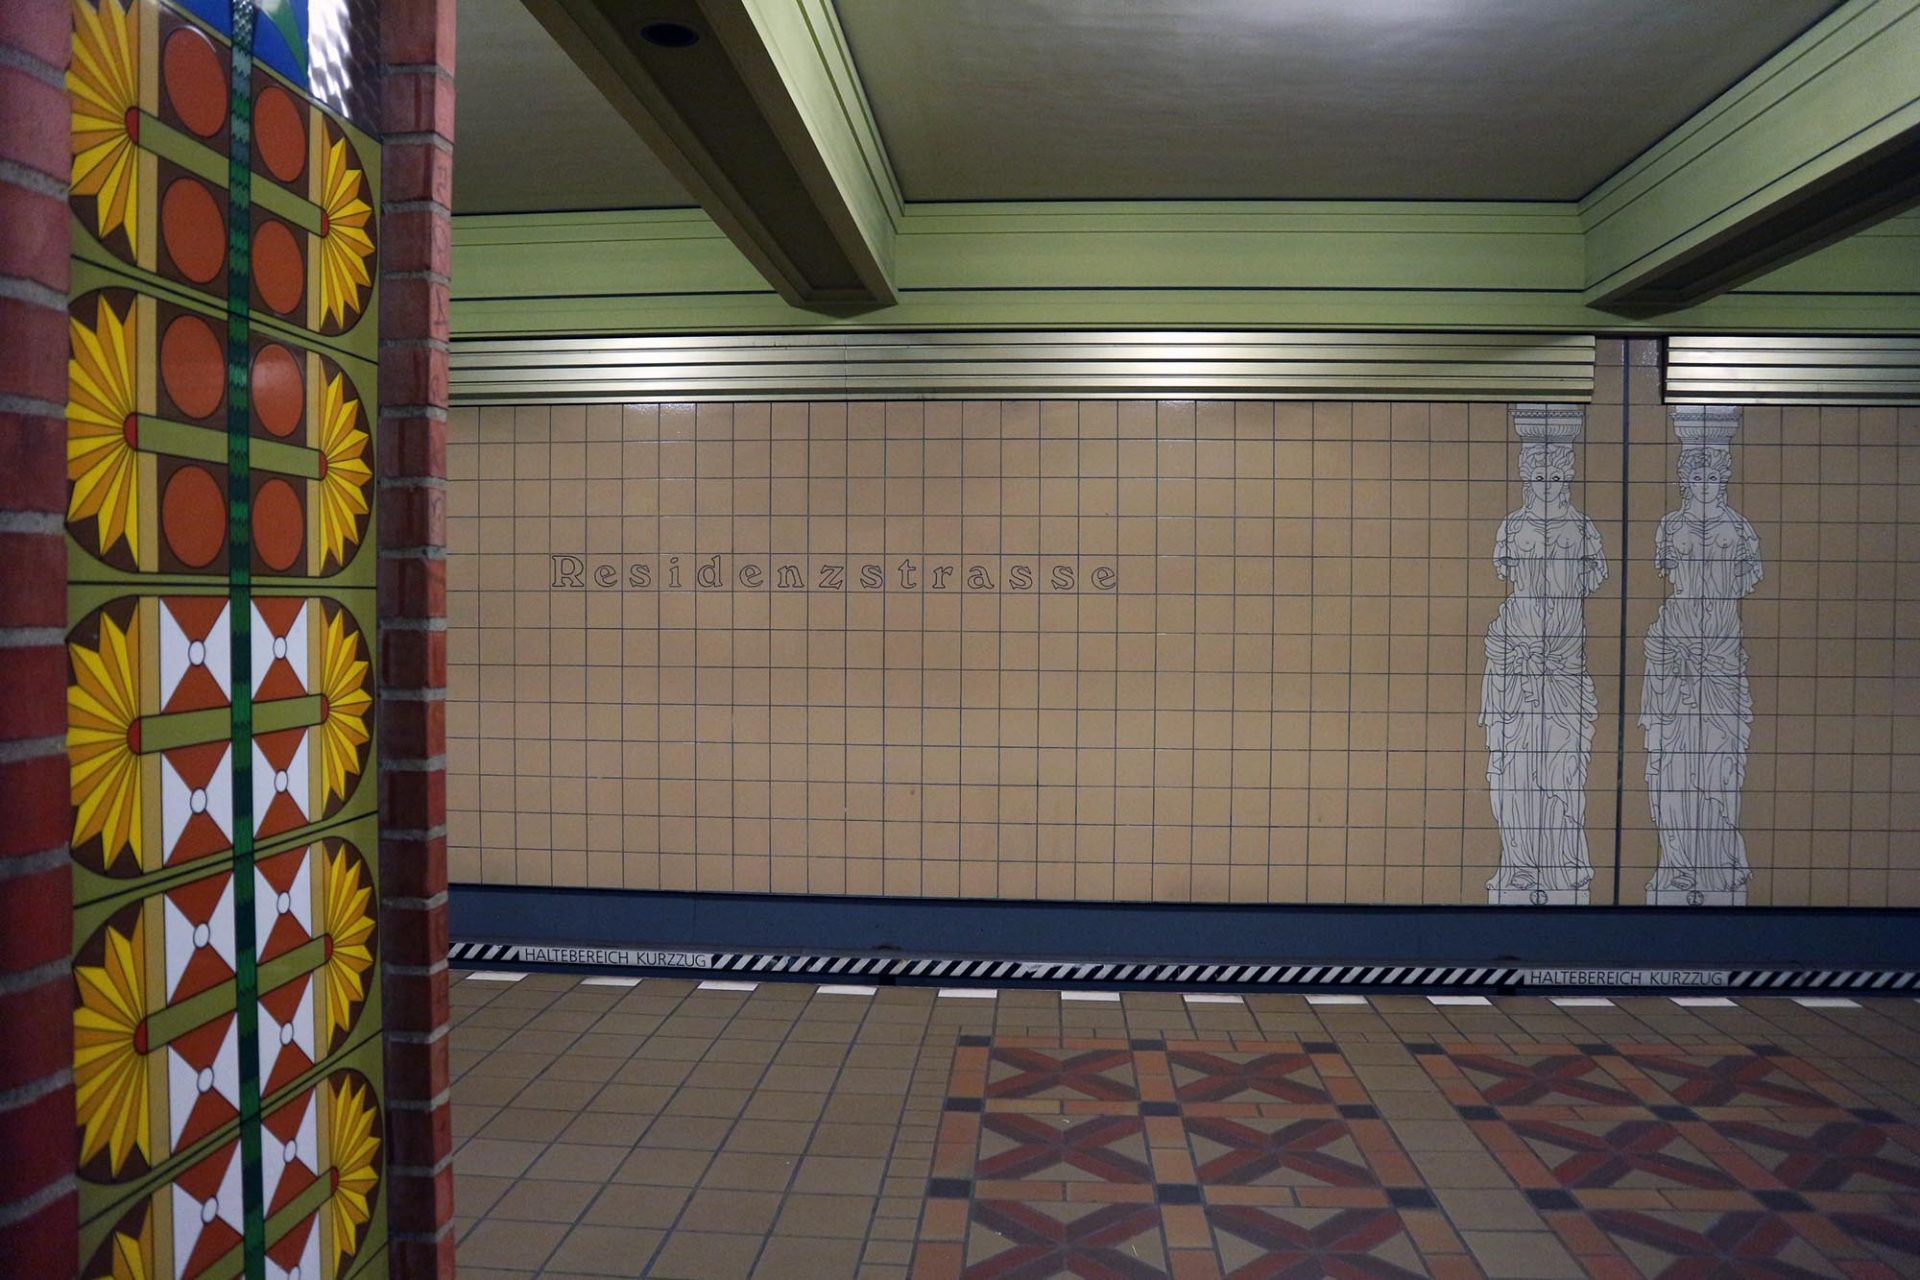 Residenzstraße. Die Station soll an die ehemalige Residenzstadt Berlin erinnern. Pläne des Stadtschlosses und Statuen zieren die hell gehaltenen Wände. Die Stützen hingegen sind bunt gekachelt. Ein Verweis auf das bunte Knüpfwerk der Preußen-Residenz.